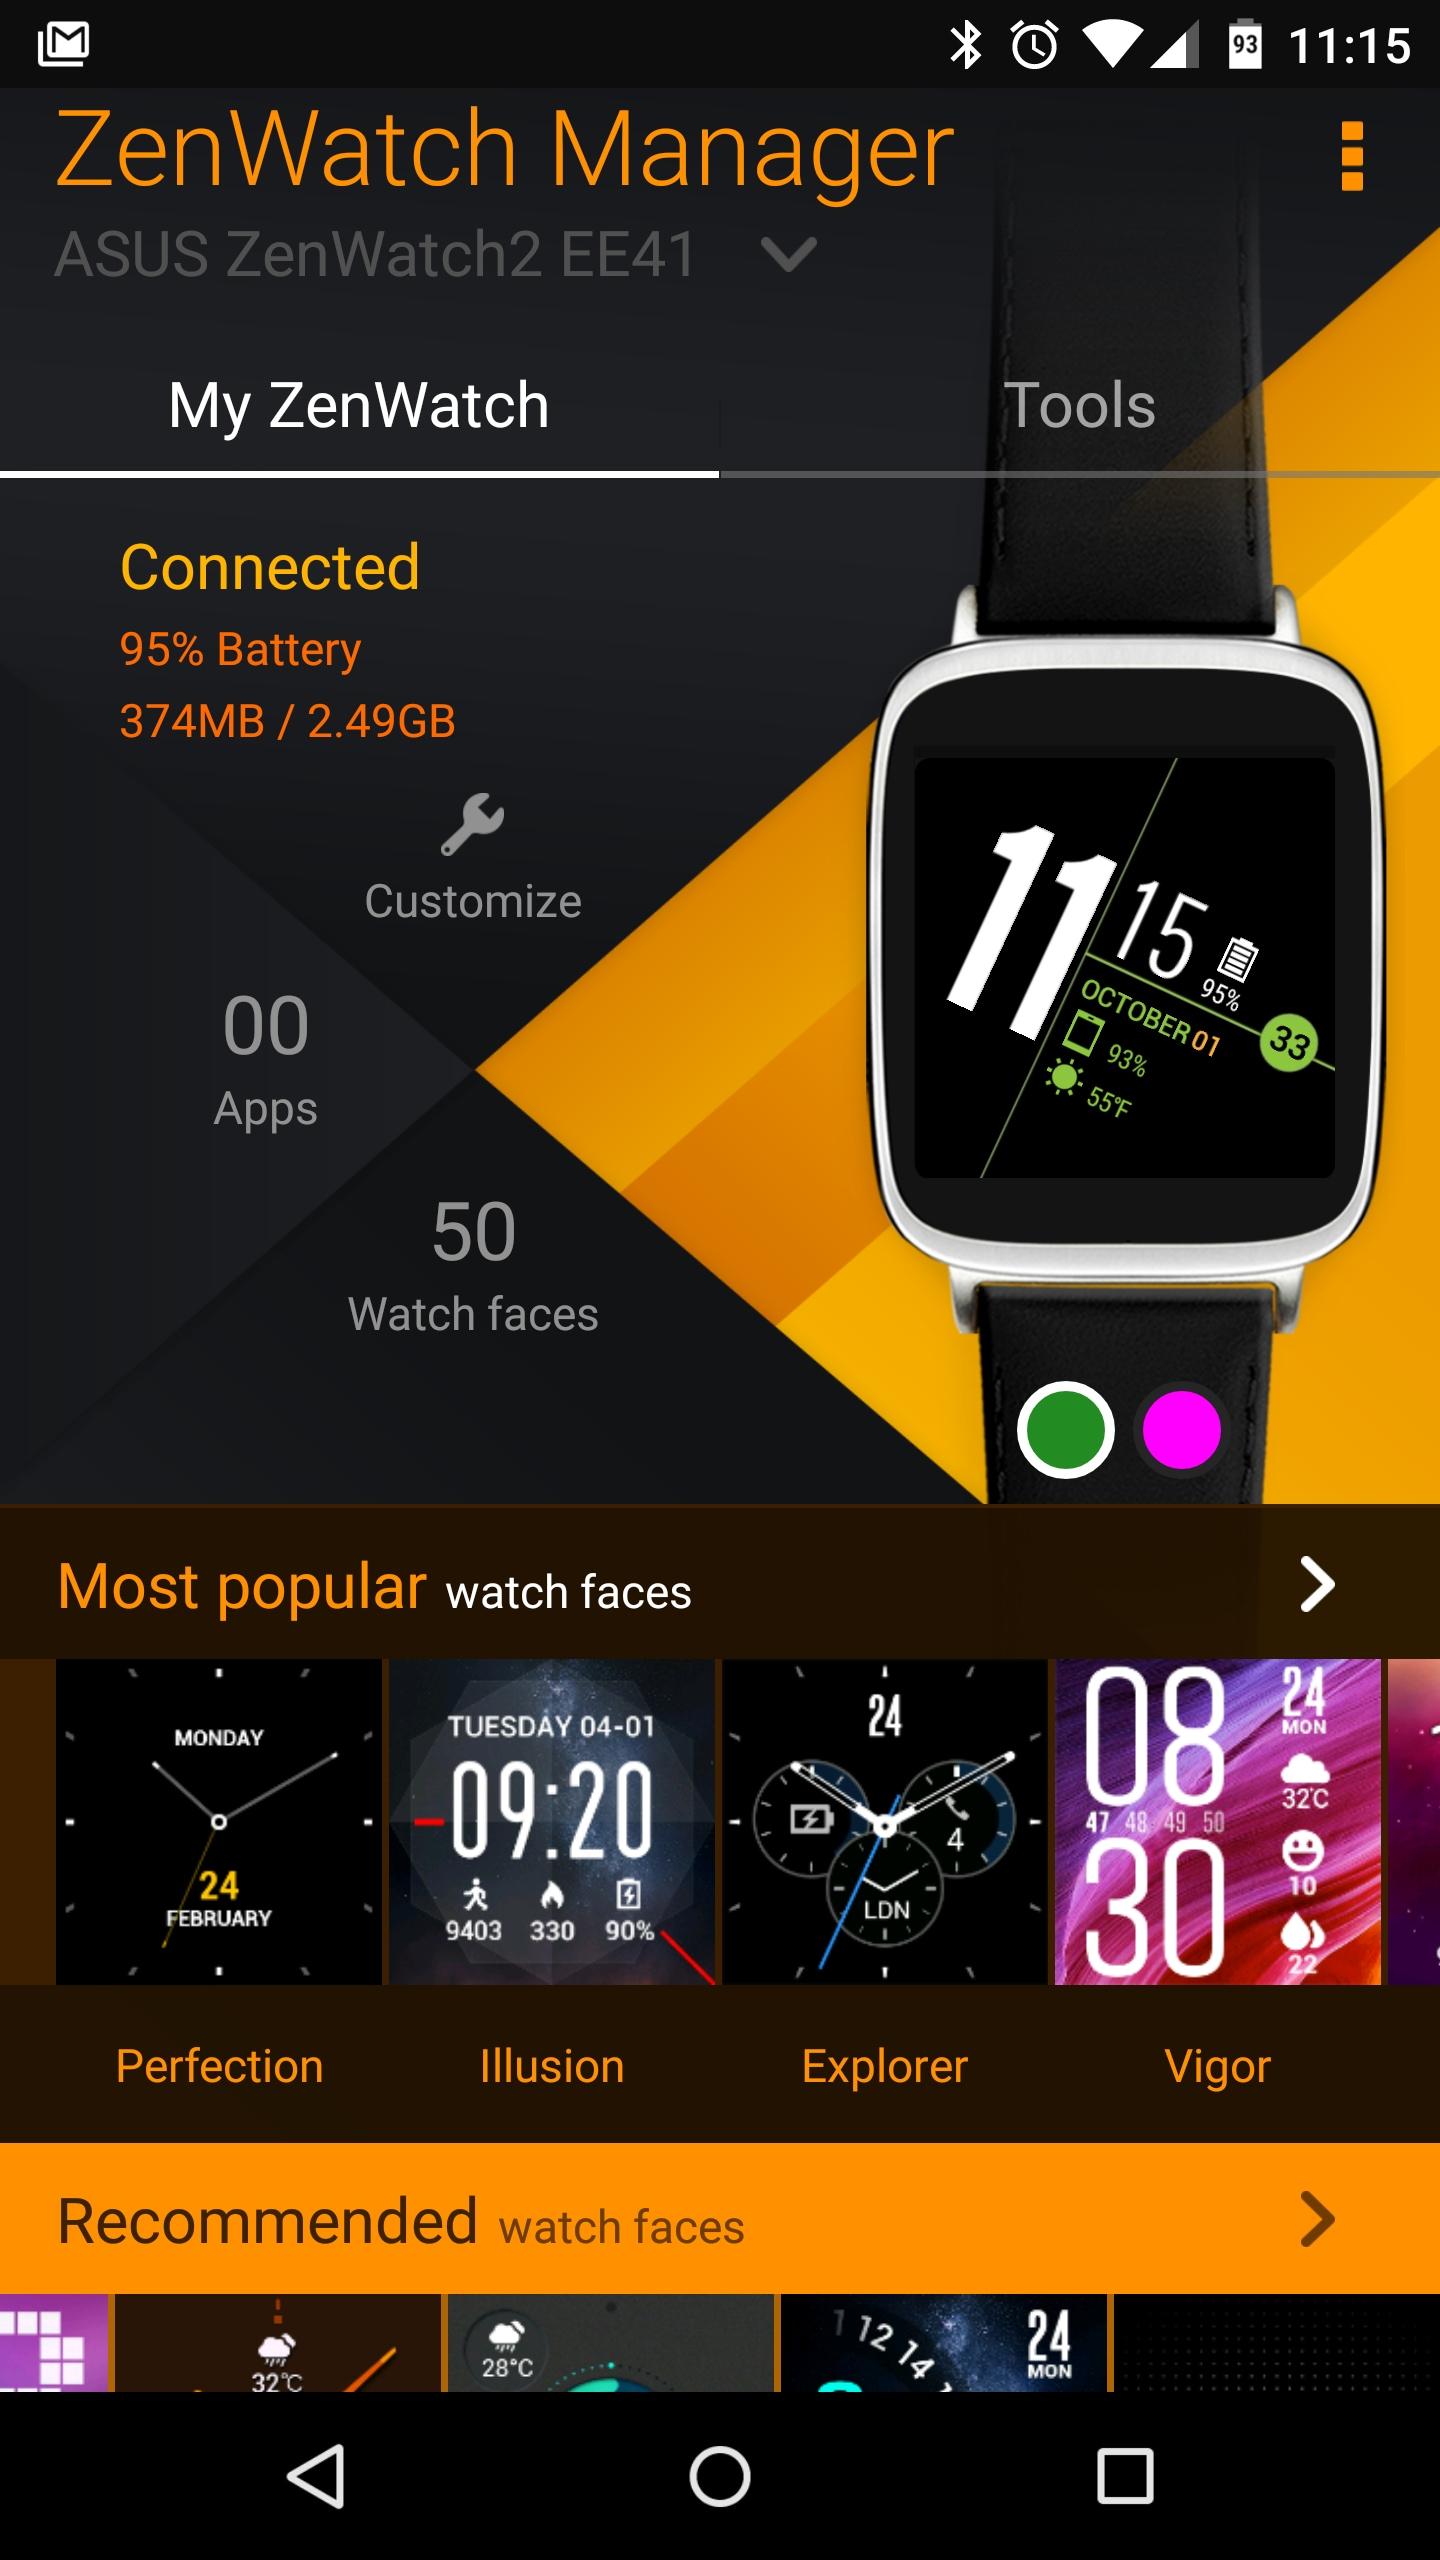 asus zenwatch manager raggiunge la versione 2 0